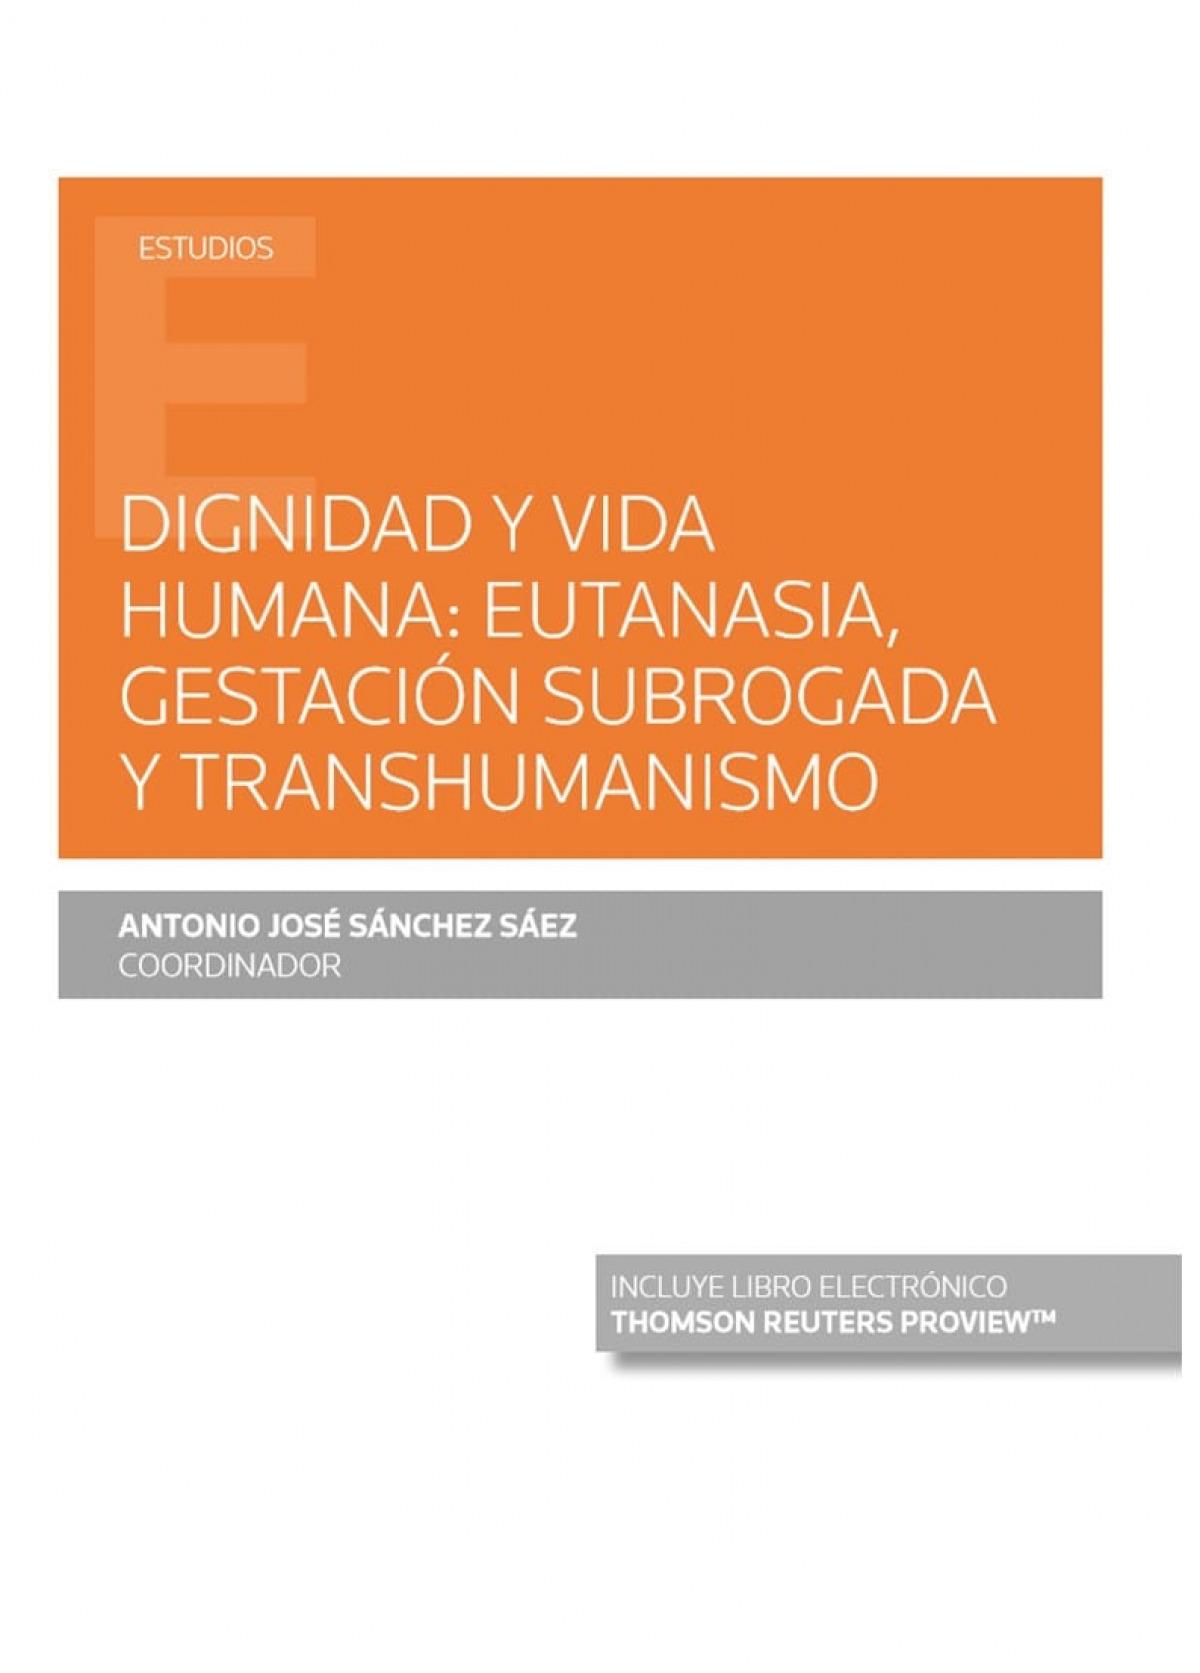 Dignidad y vida humana: eutanasia, gestación subrogada y transhum